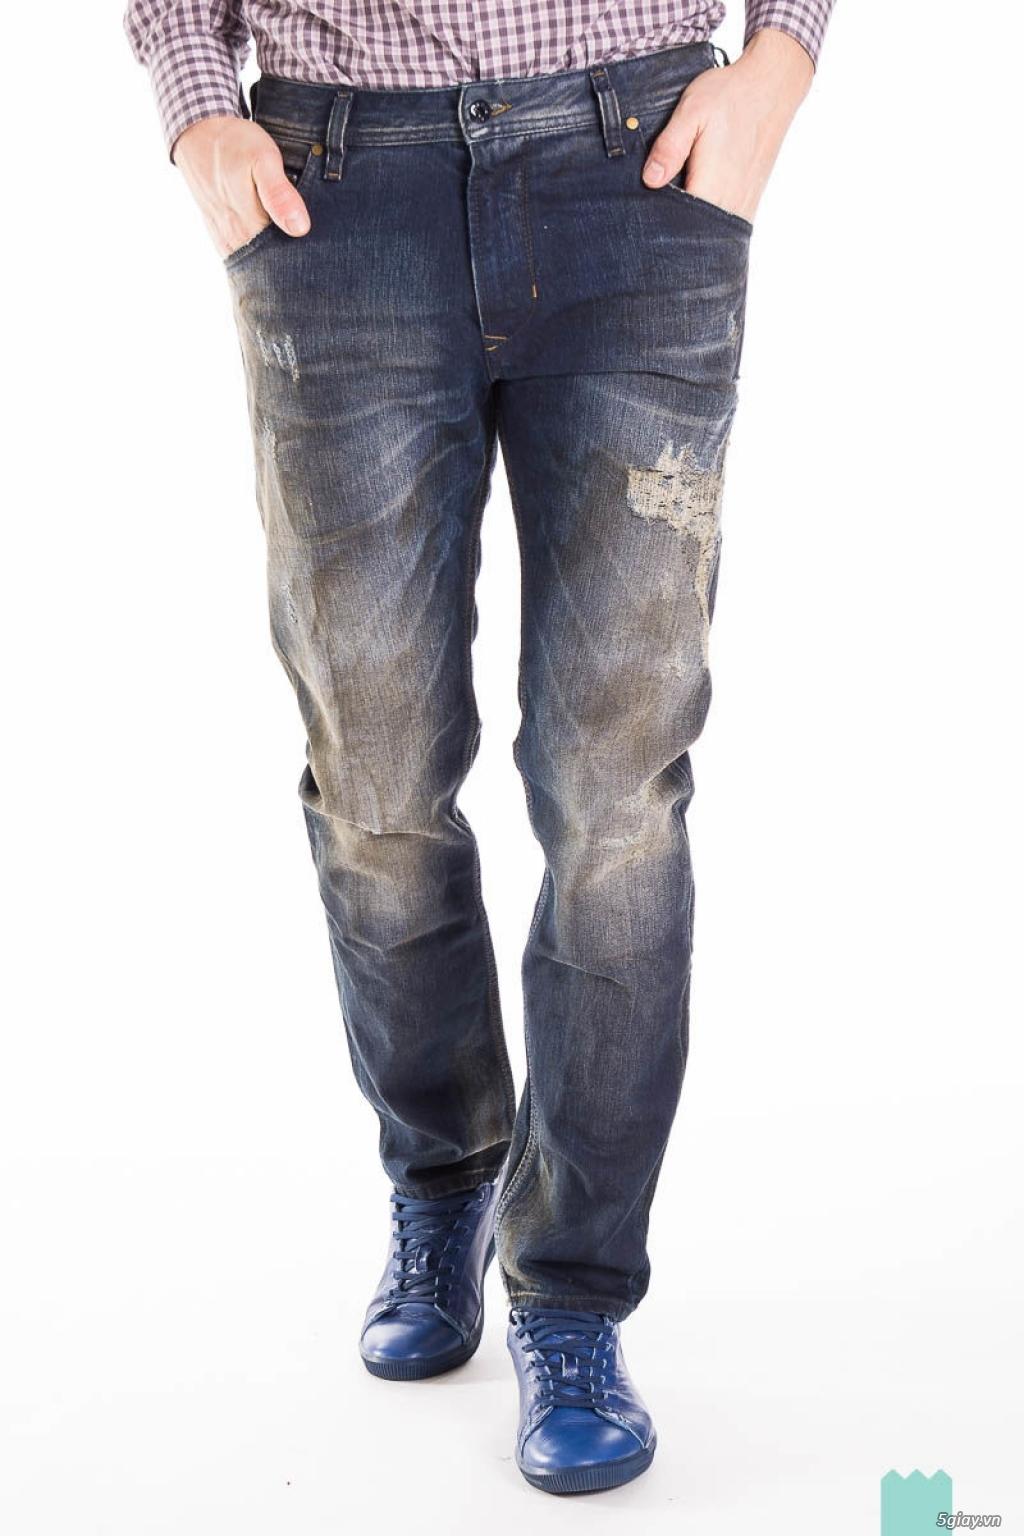 Diesel quần, túi, áo khoác, chuẩn, đẹp, giá tốt. - 4